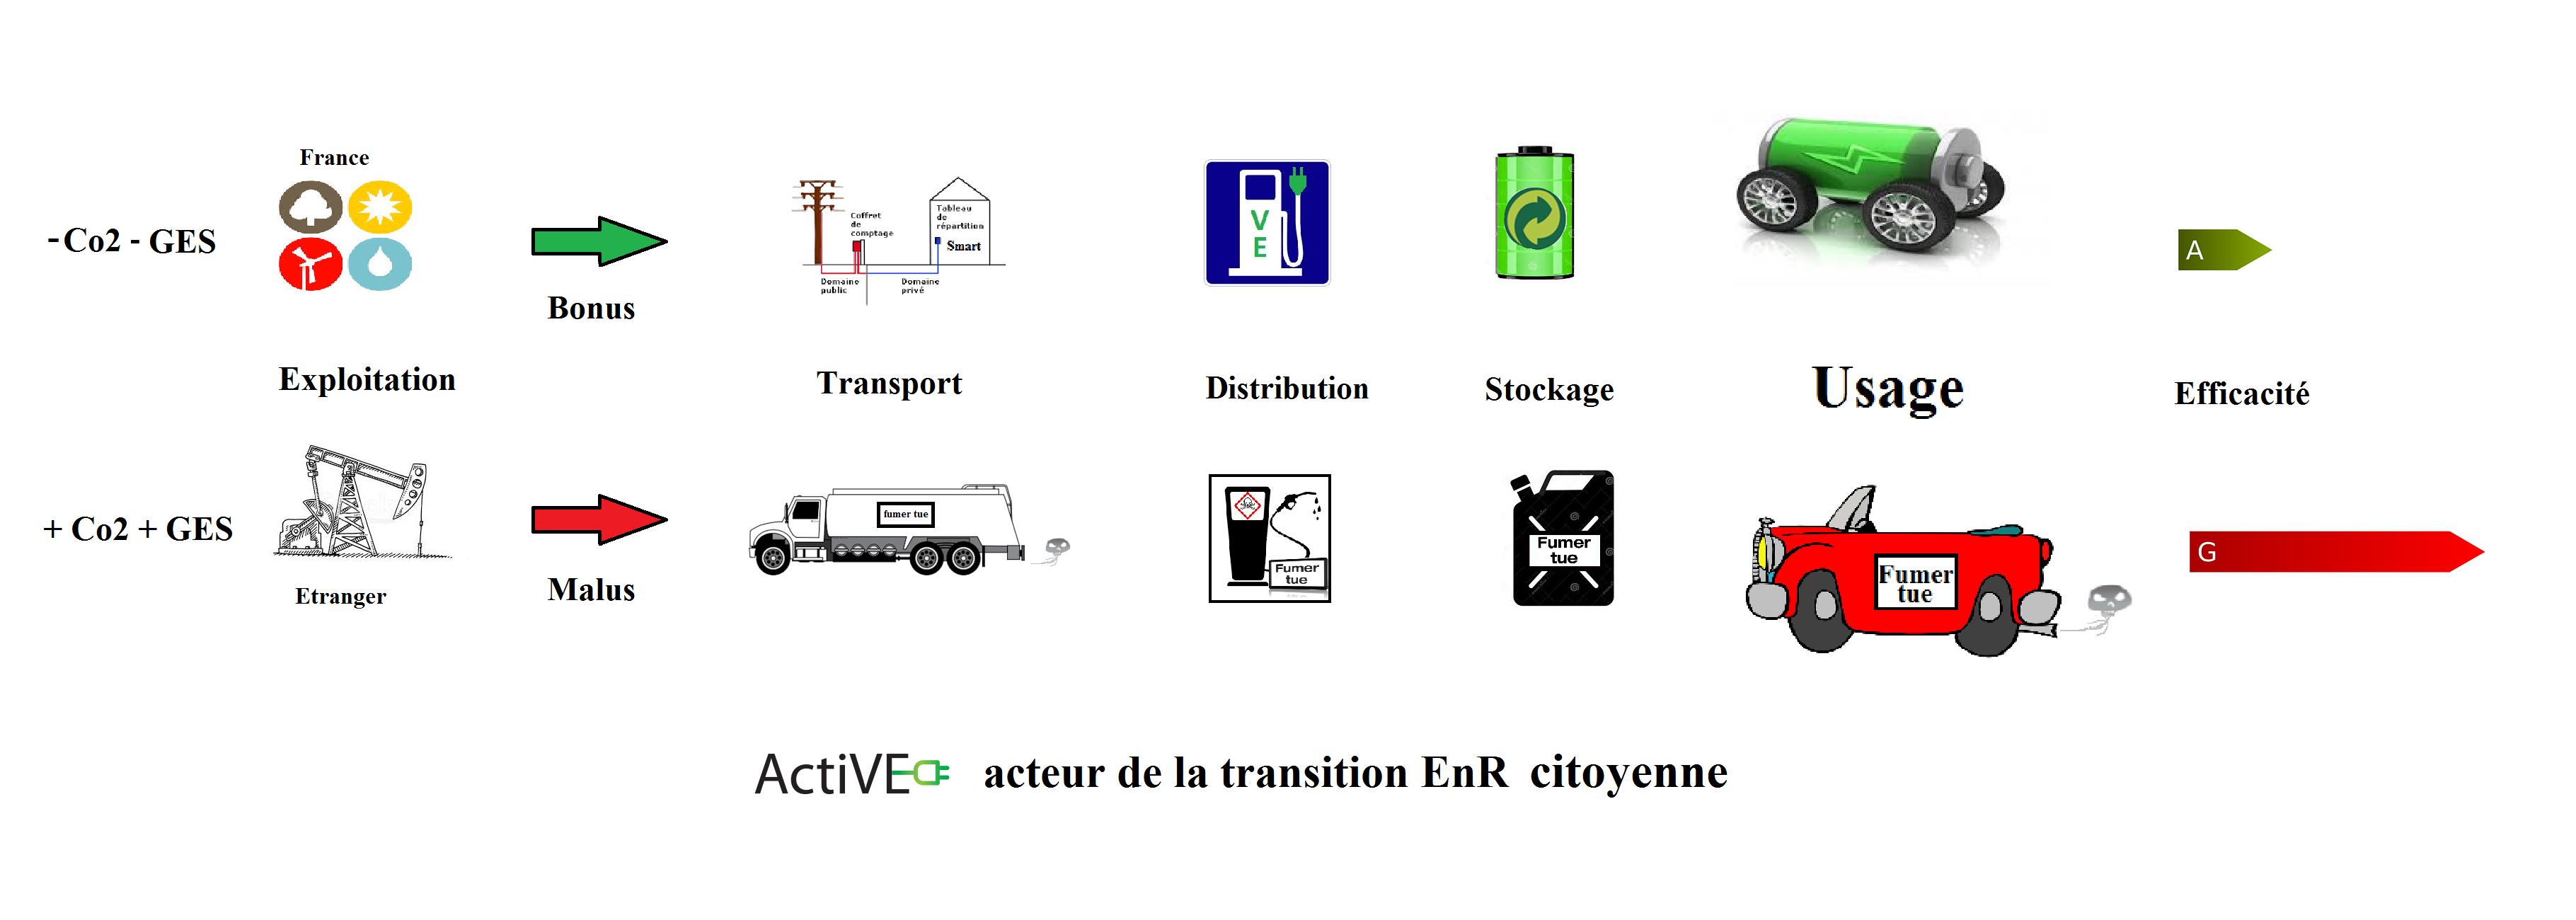 Voiture thermique electrique moteur ecosysteme transition energetique citoyenne ActiVE